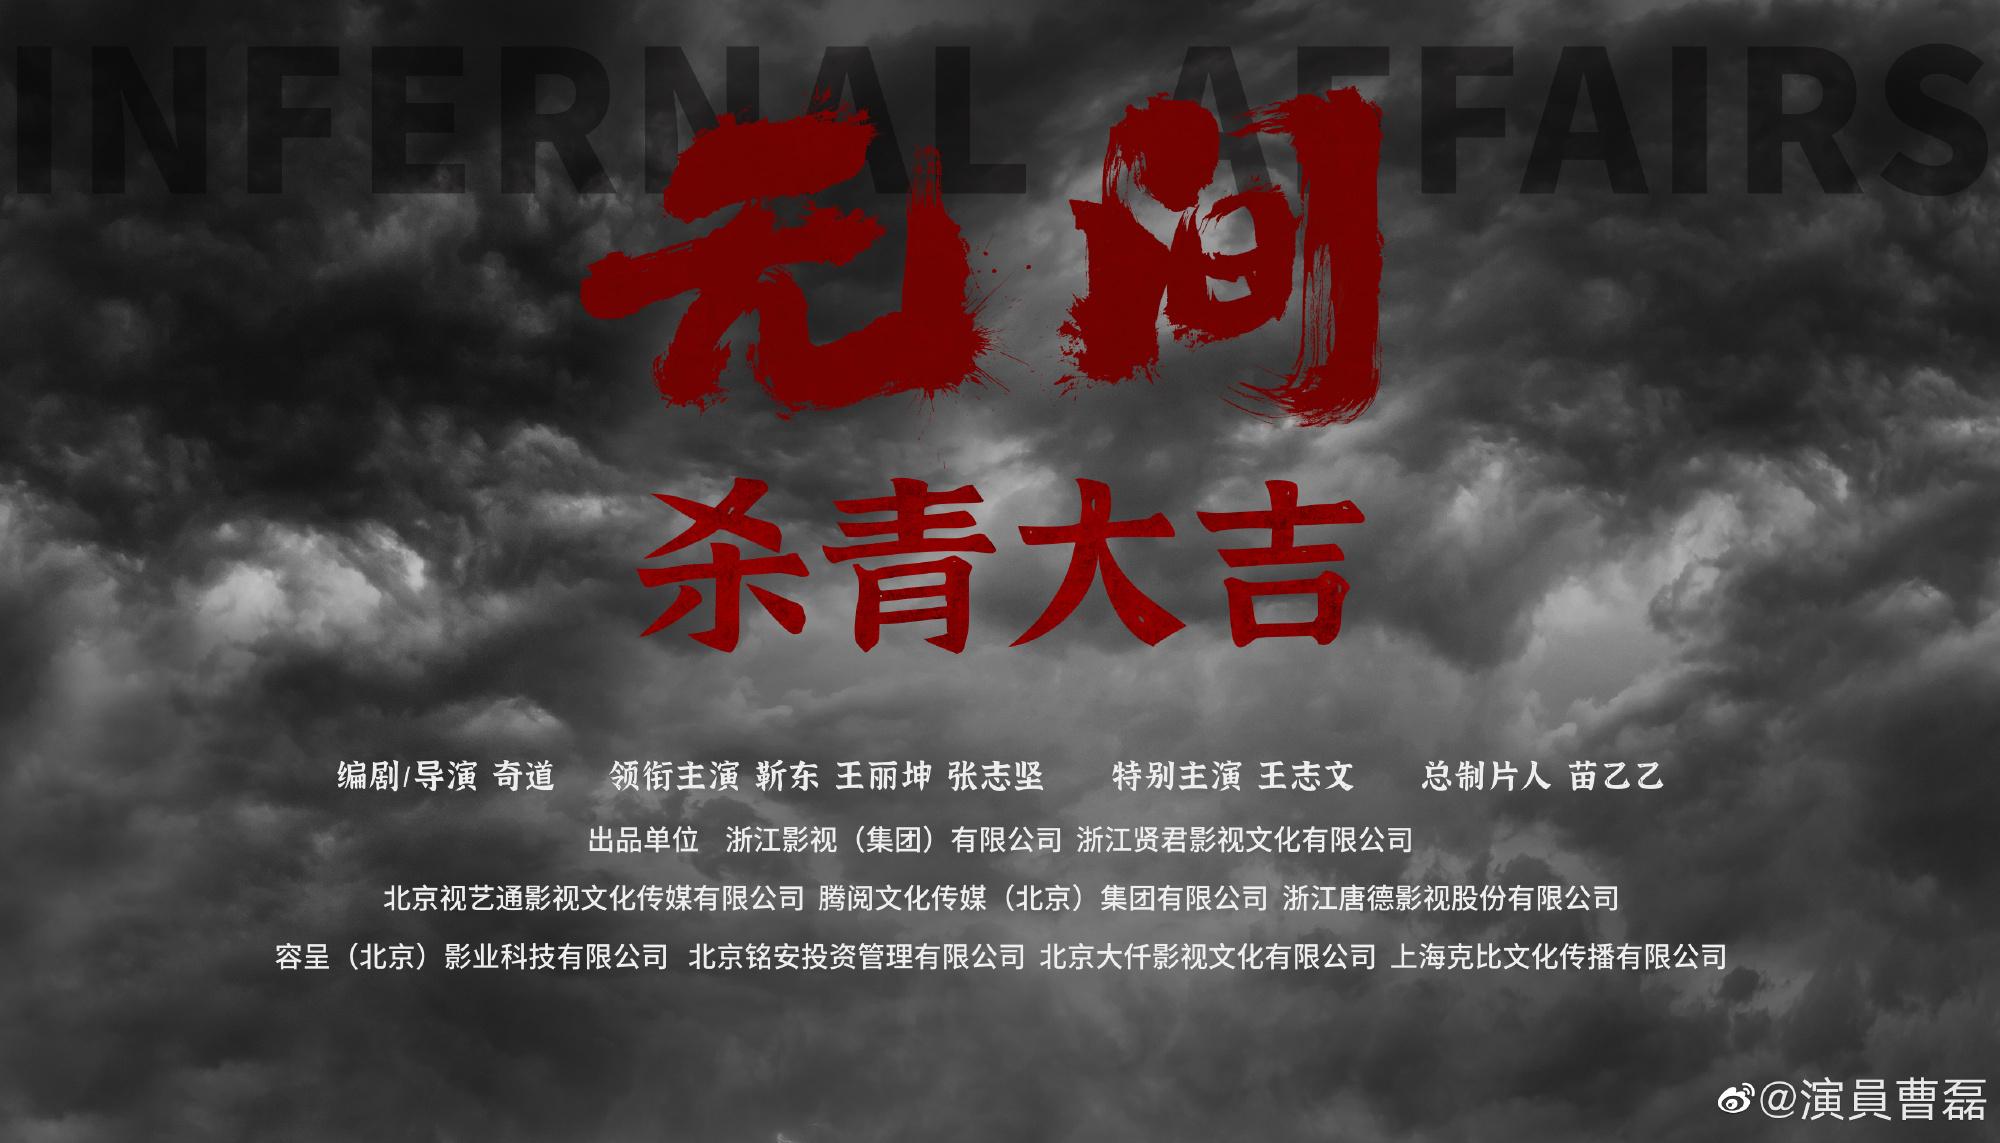 """《无间》杀青,靳东""""明楼""""再现听王志文讲话,意外曝他是班长?"""